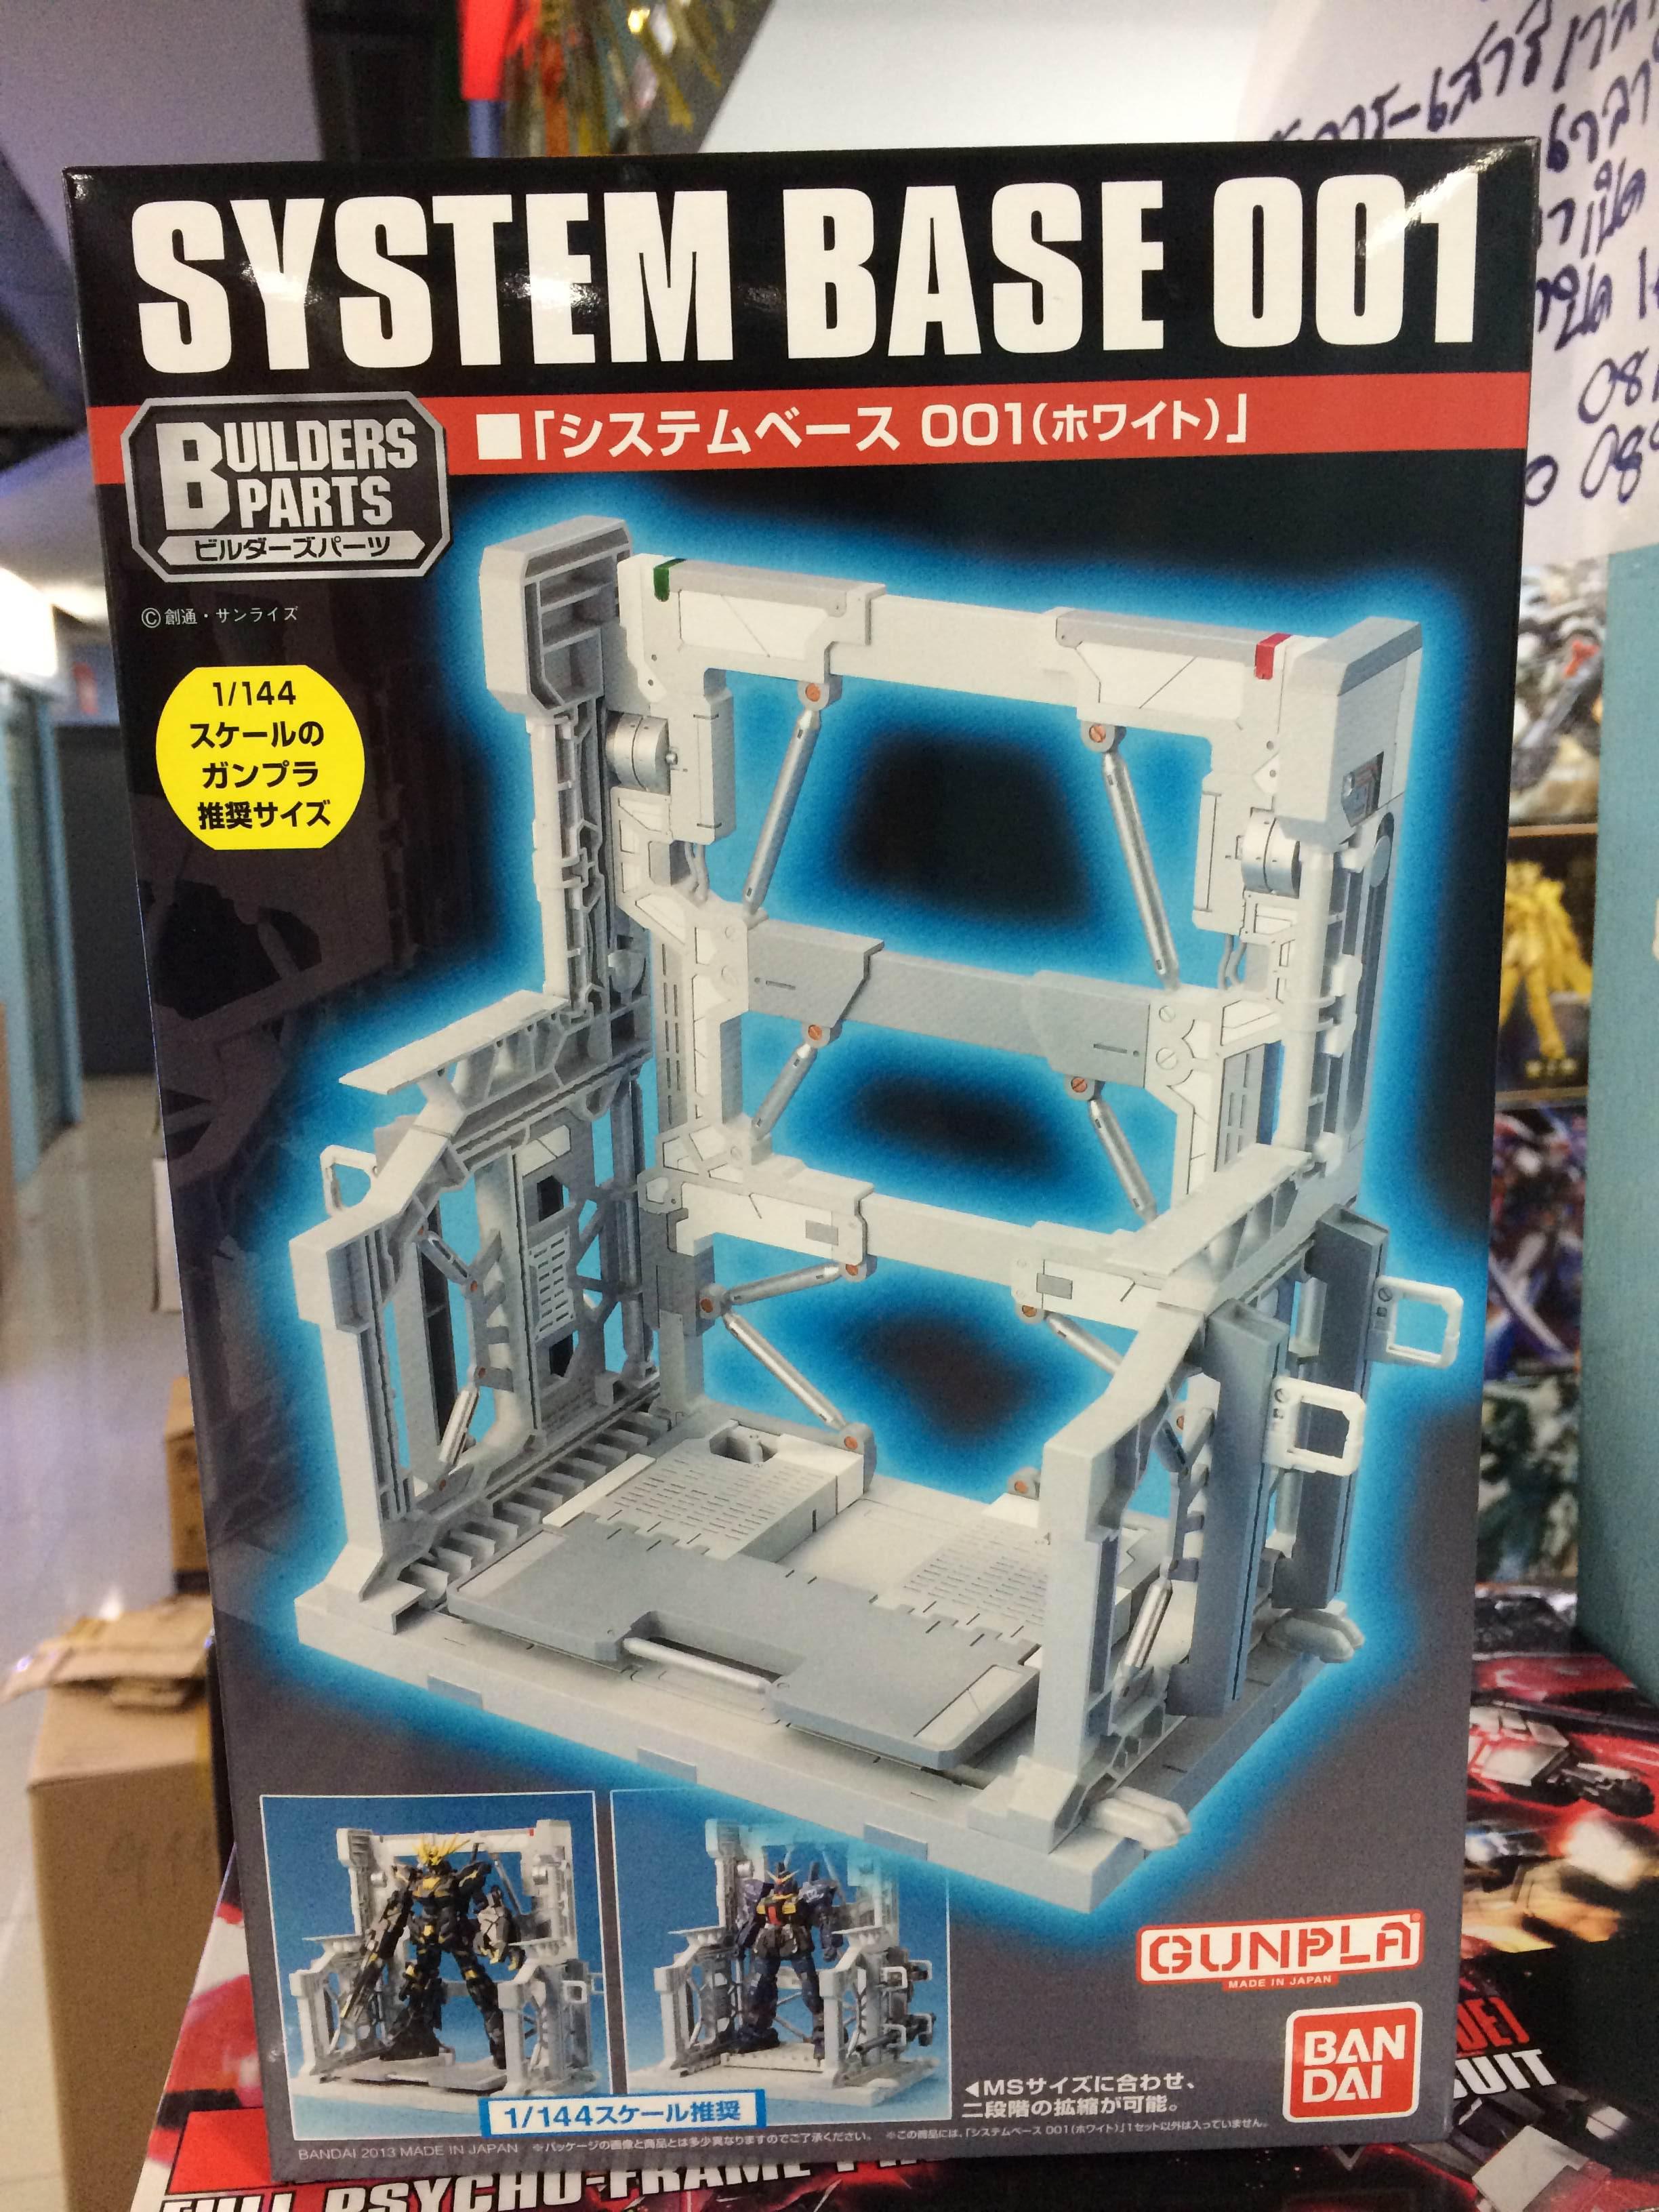 SYSTEM BASE 001 สีขาว